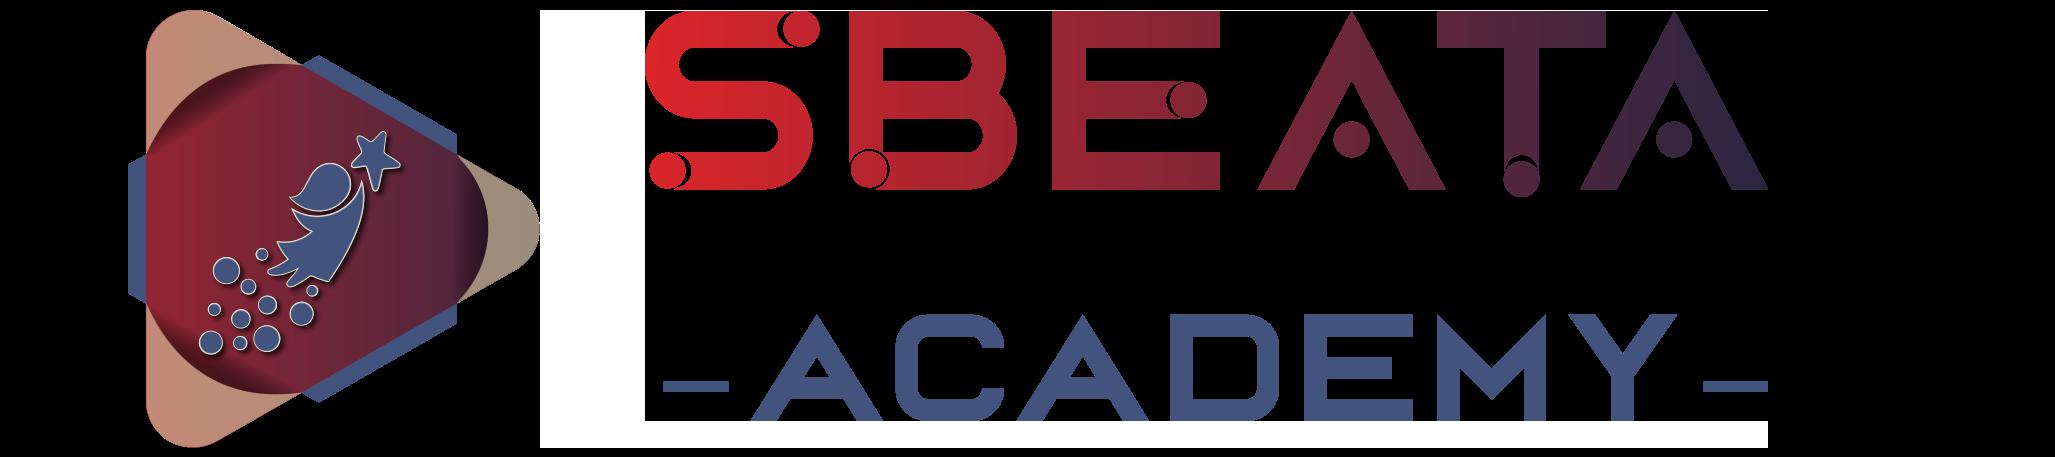 Sbeata Academy اكادمية سبيتة